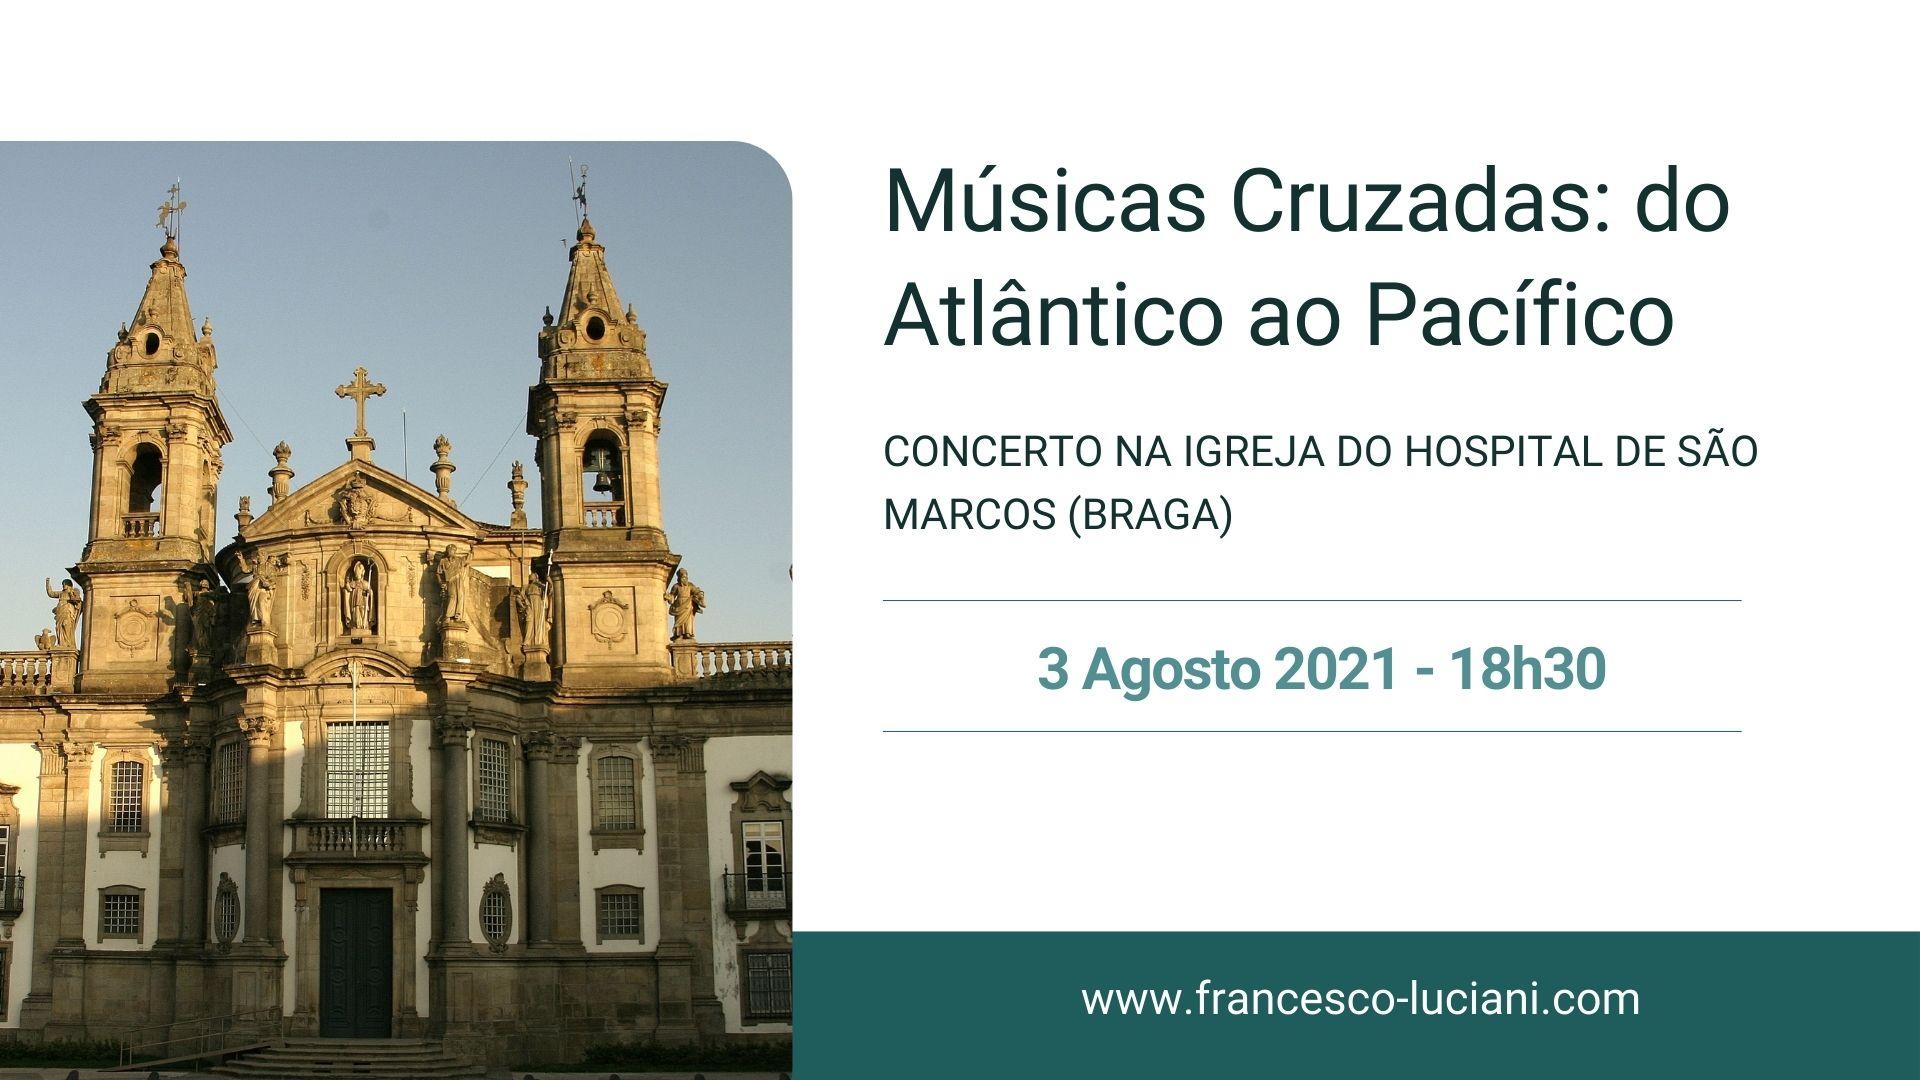 Concerto Igreja do Hospital de São Marcos, Braga - 3 Agosto 2021 - Guitarrista Francesco Luciani